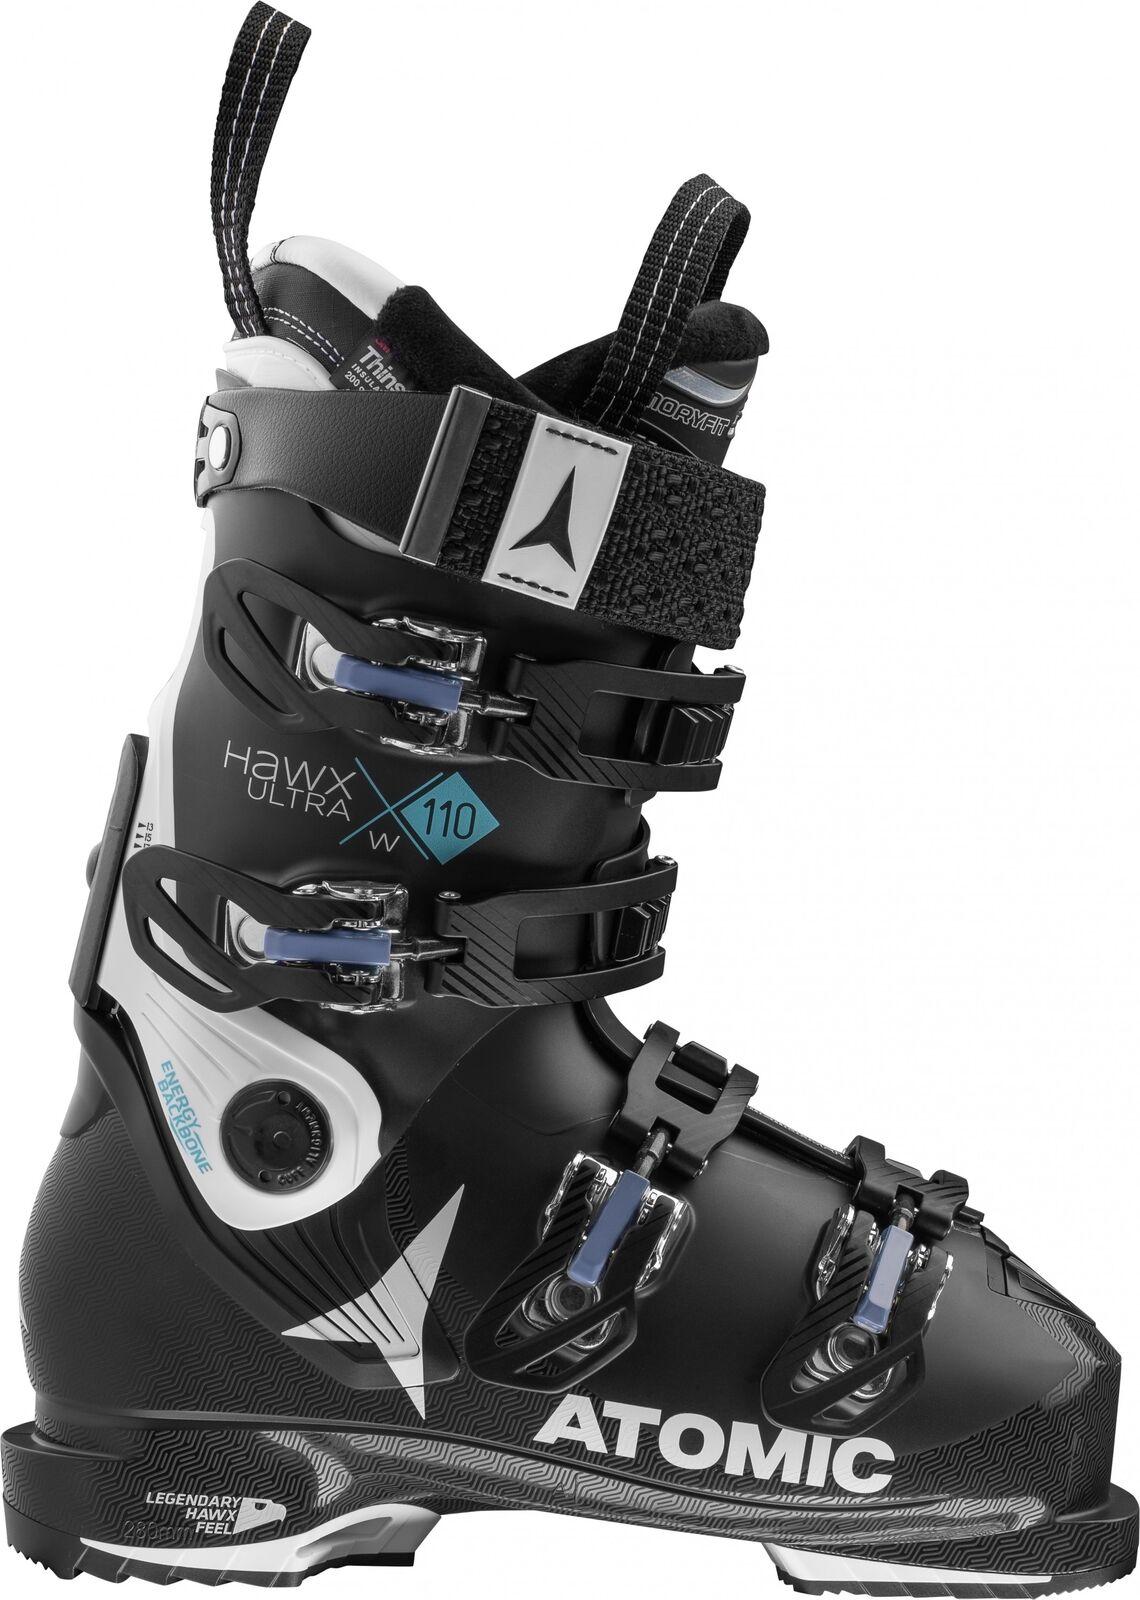 Atomic Hawx Ultra 110 W - Damen Skischuhe Ski Stiefel - AE5015600 - 17/18